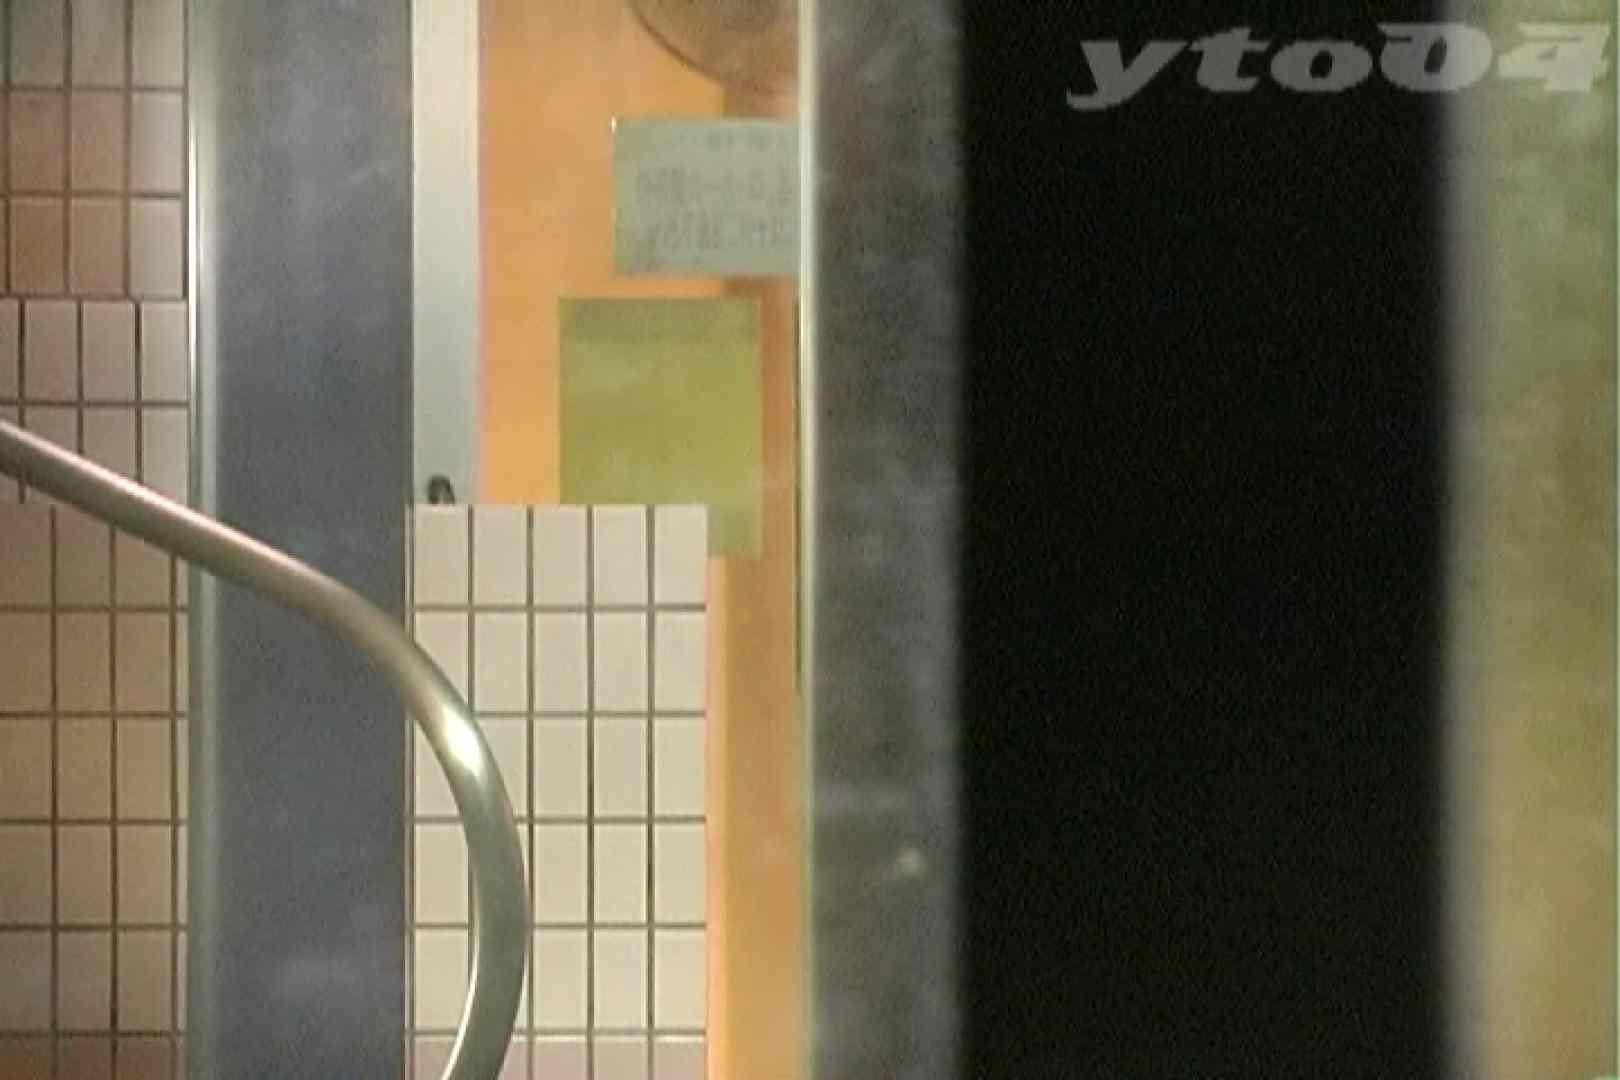 ▲復活限定▲合宿ホテル女風呂盗撮 Vol.24 合宿 アダルト動画キャプチャ 74画像 46